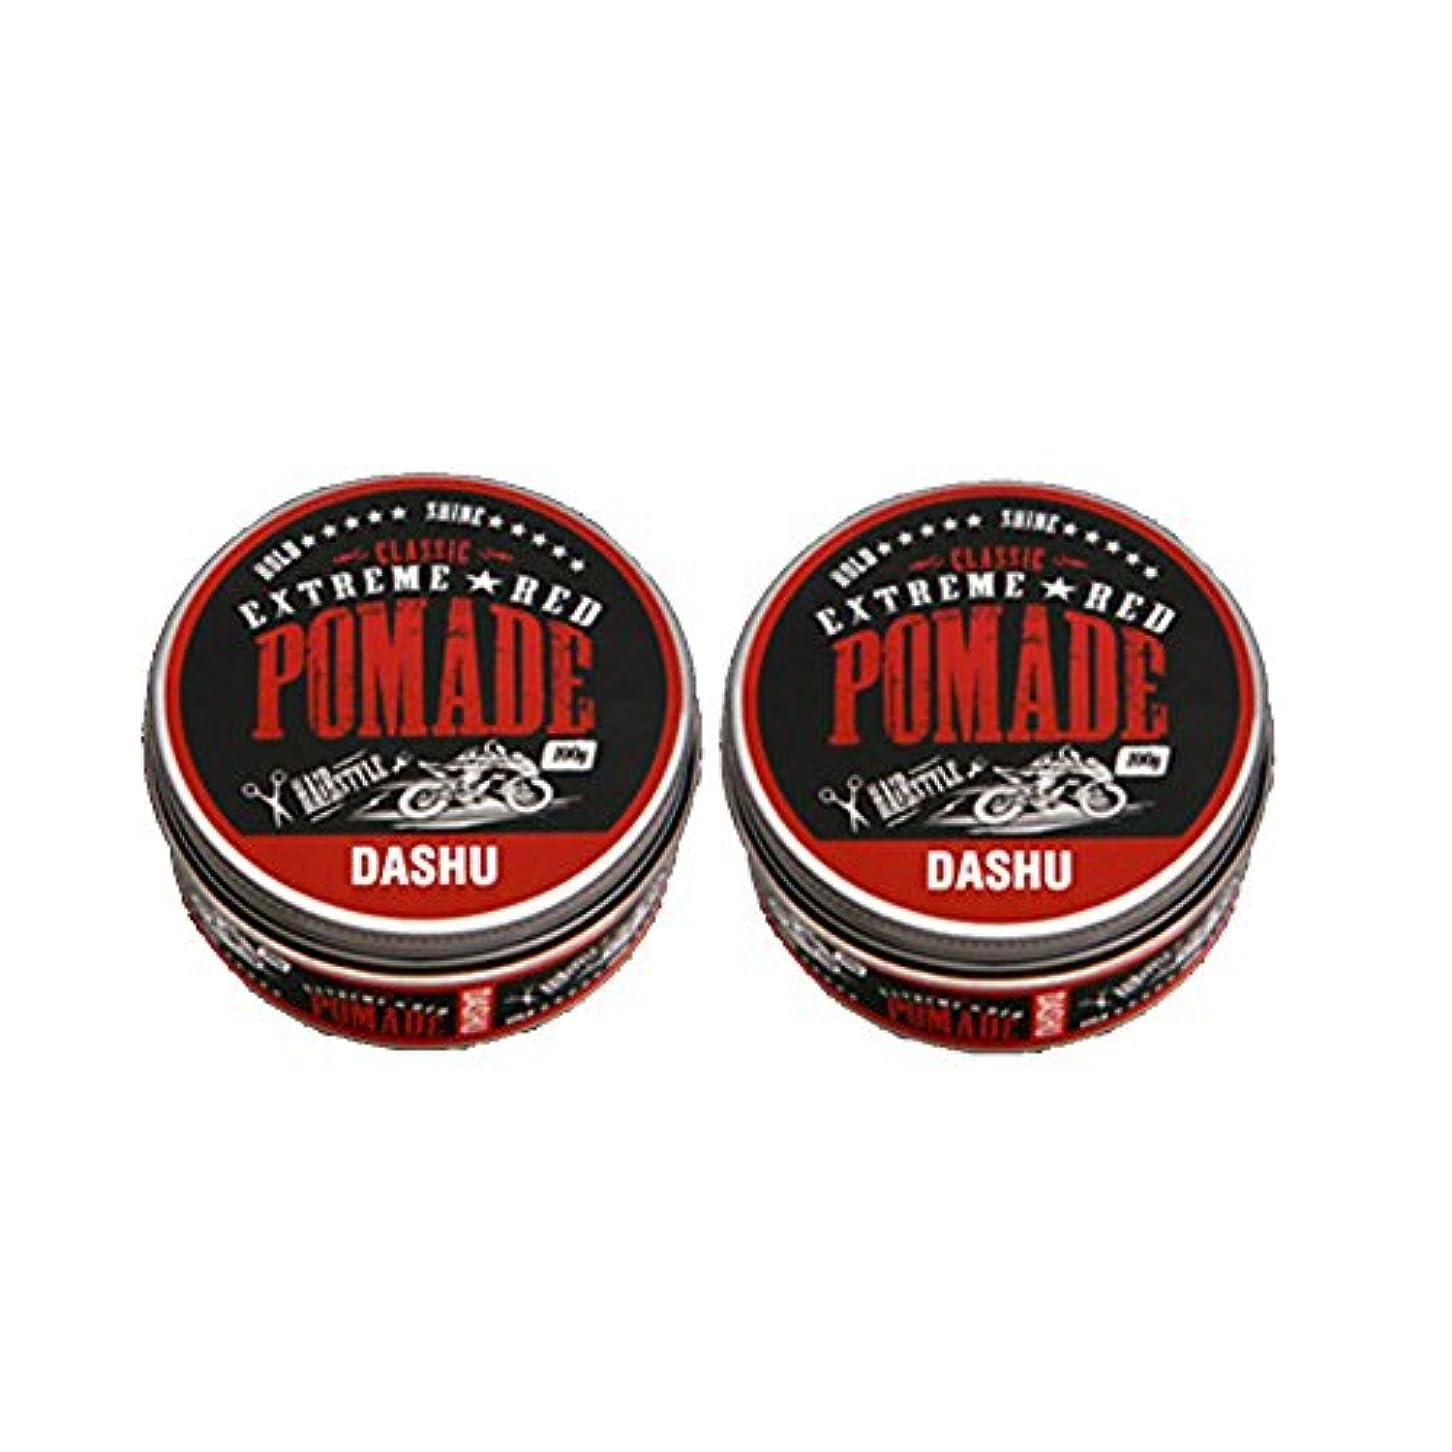 人差し指四分円きらきら(2個セット) x [DASHU] ダシュ クラシックエクストリームレッドポマード Classic Extreme Red Pomade Hair Wax 100ml / 韓国製 . 韓国直送品